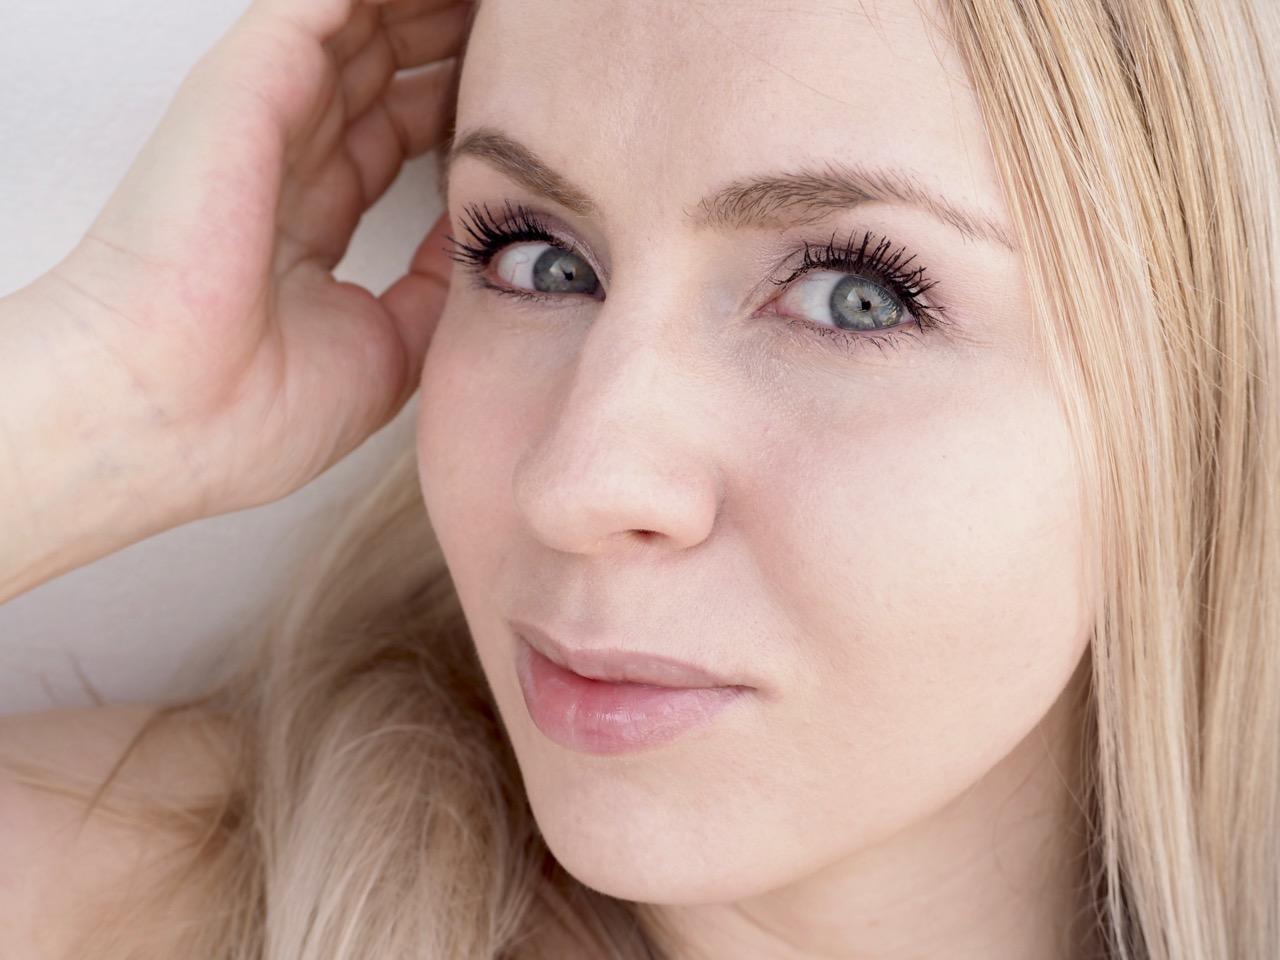 Too Faced Better Than Sex Waterproof Mascara vedenkestävä ripsiväri kokemuksia ostolakossa